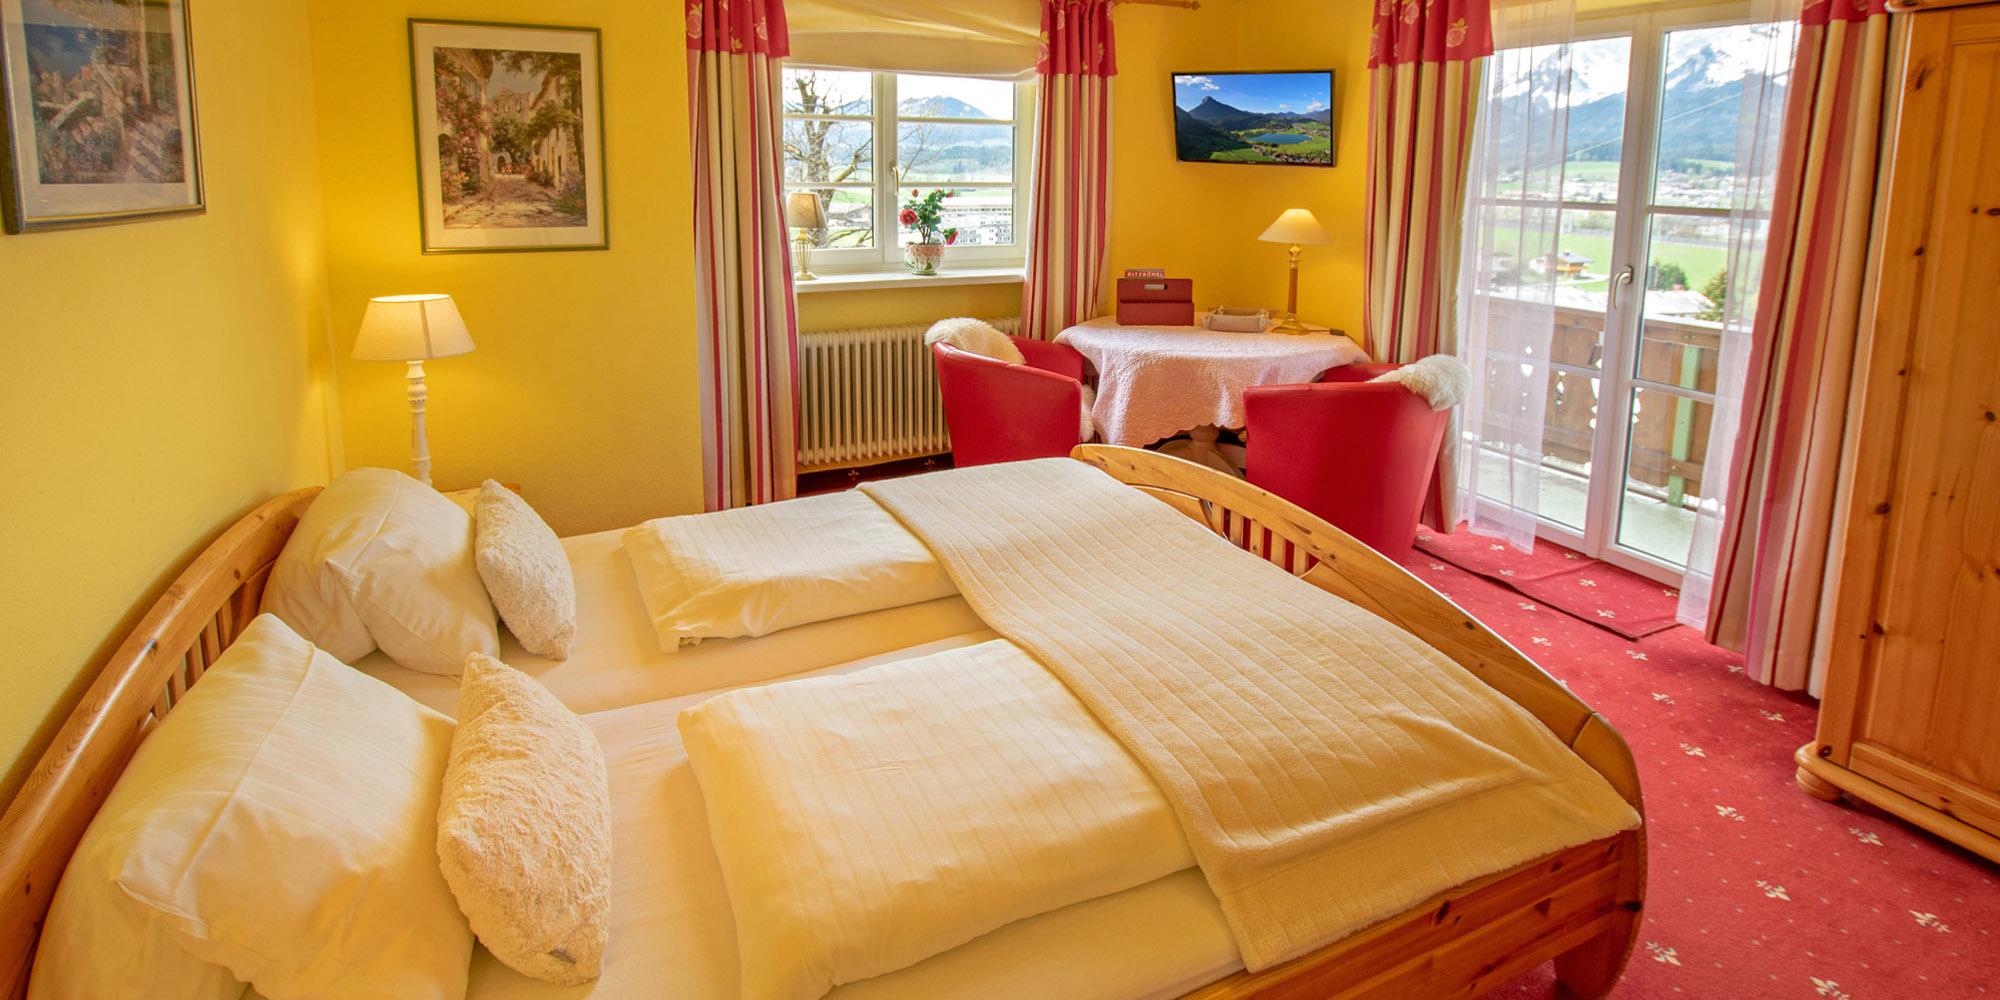 eiswerte Ferienwohnungen in St. Johann in Tirol familienfreundlich direkt an der Skipiste